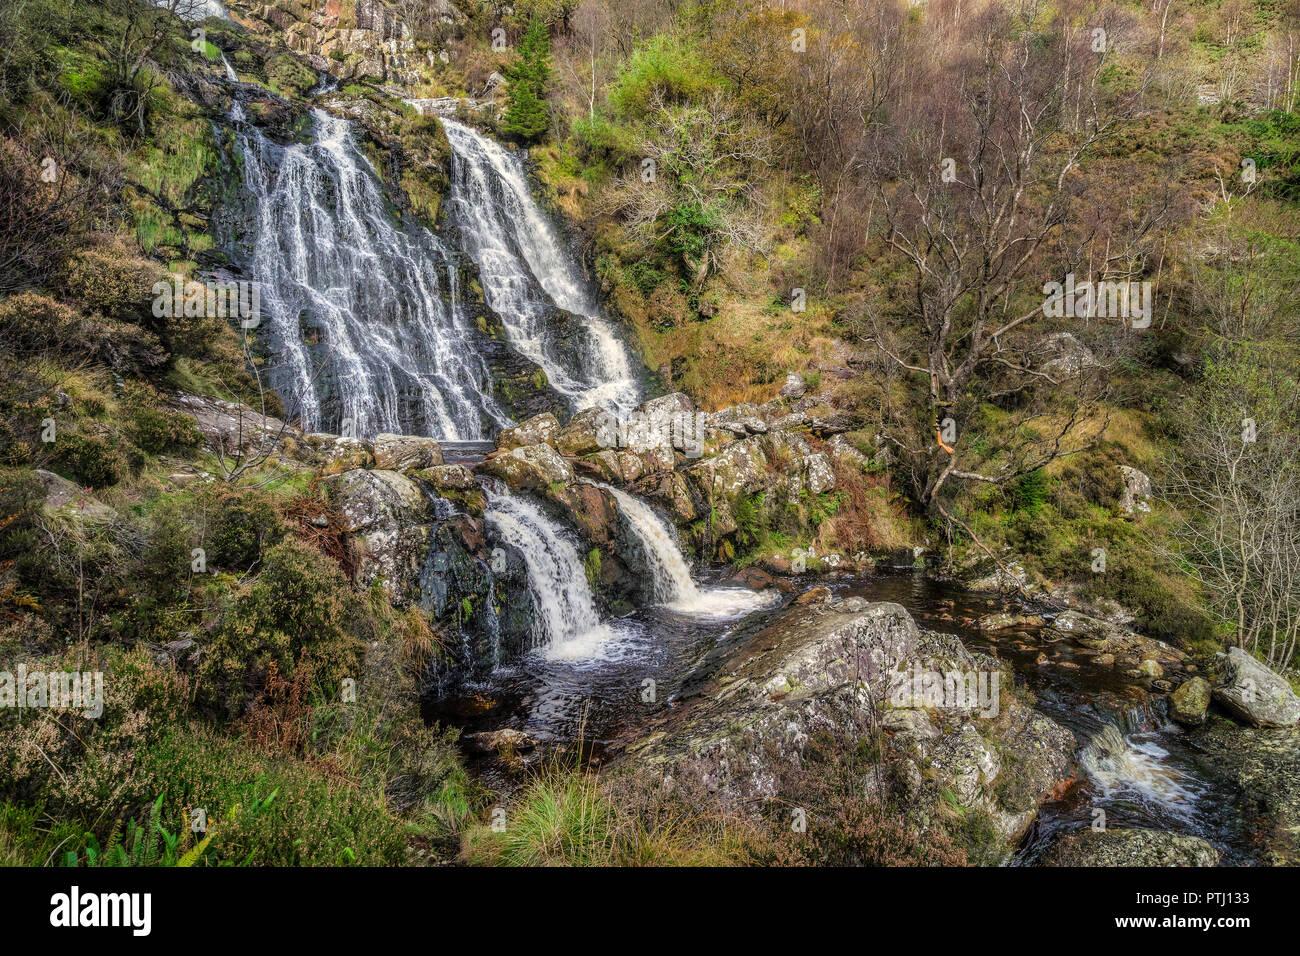 Cascade Rhyd-y-Pistyll meinciau montrant section centrale sur la rivière Afon (Eiddew Rhiwargor) près à l'extrémité nord du lac Vyrnwy North Wales UK Octobre Photo Stock